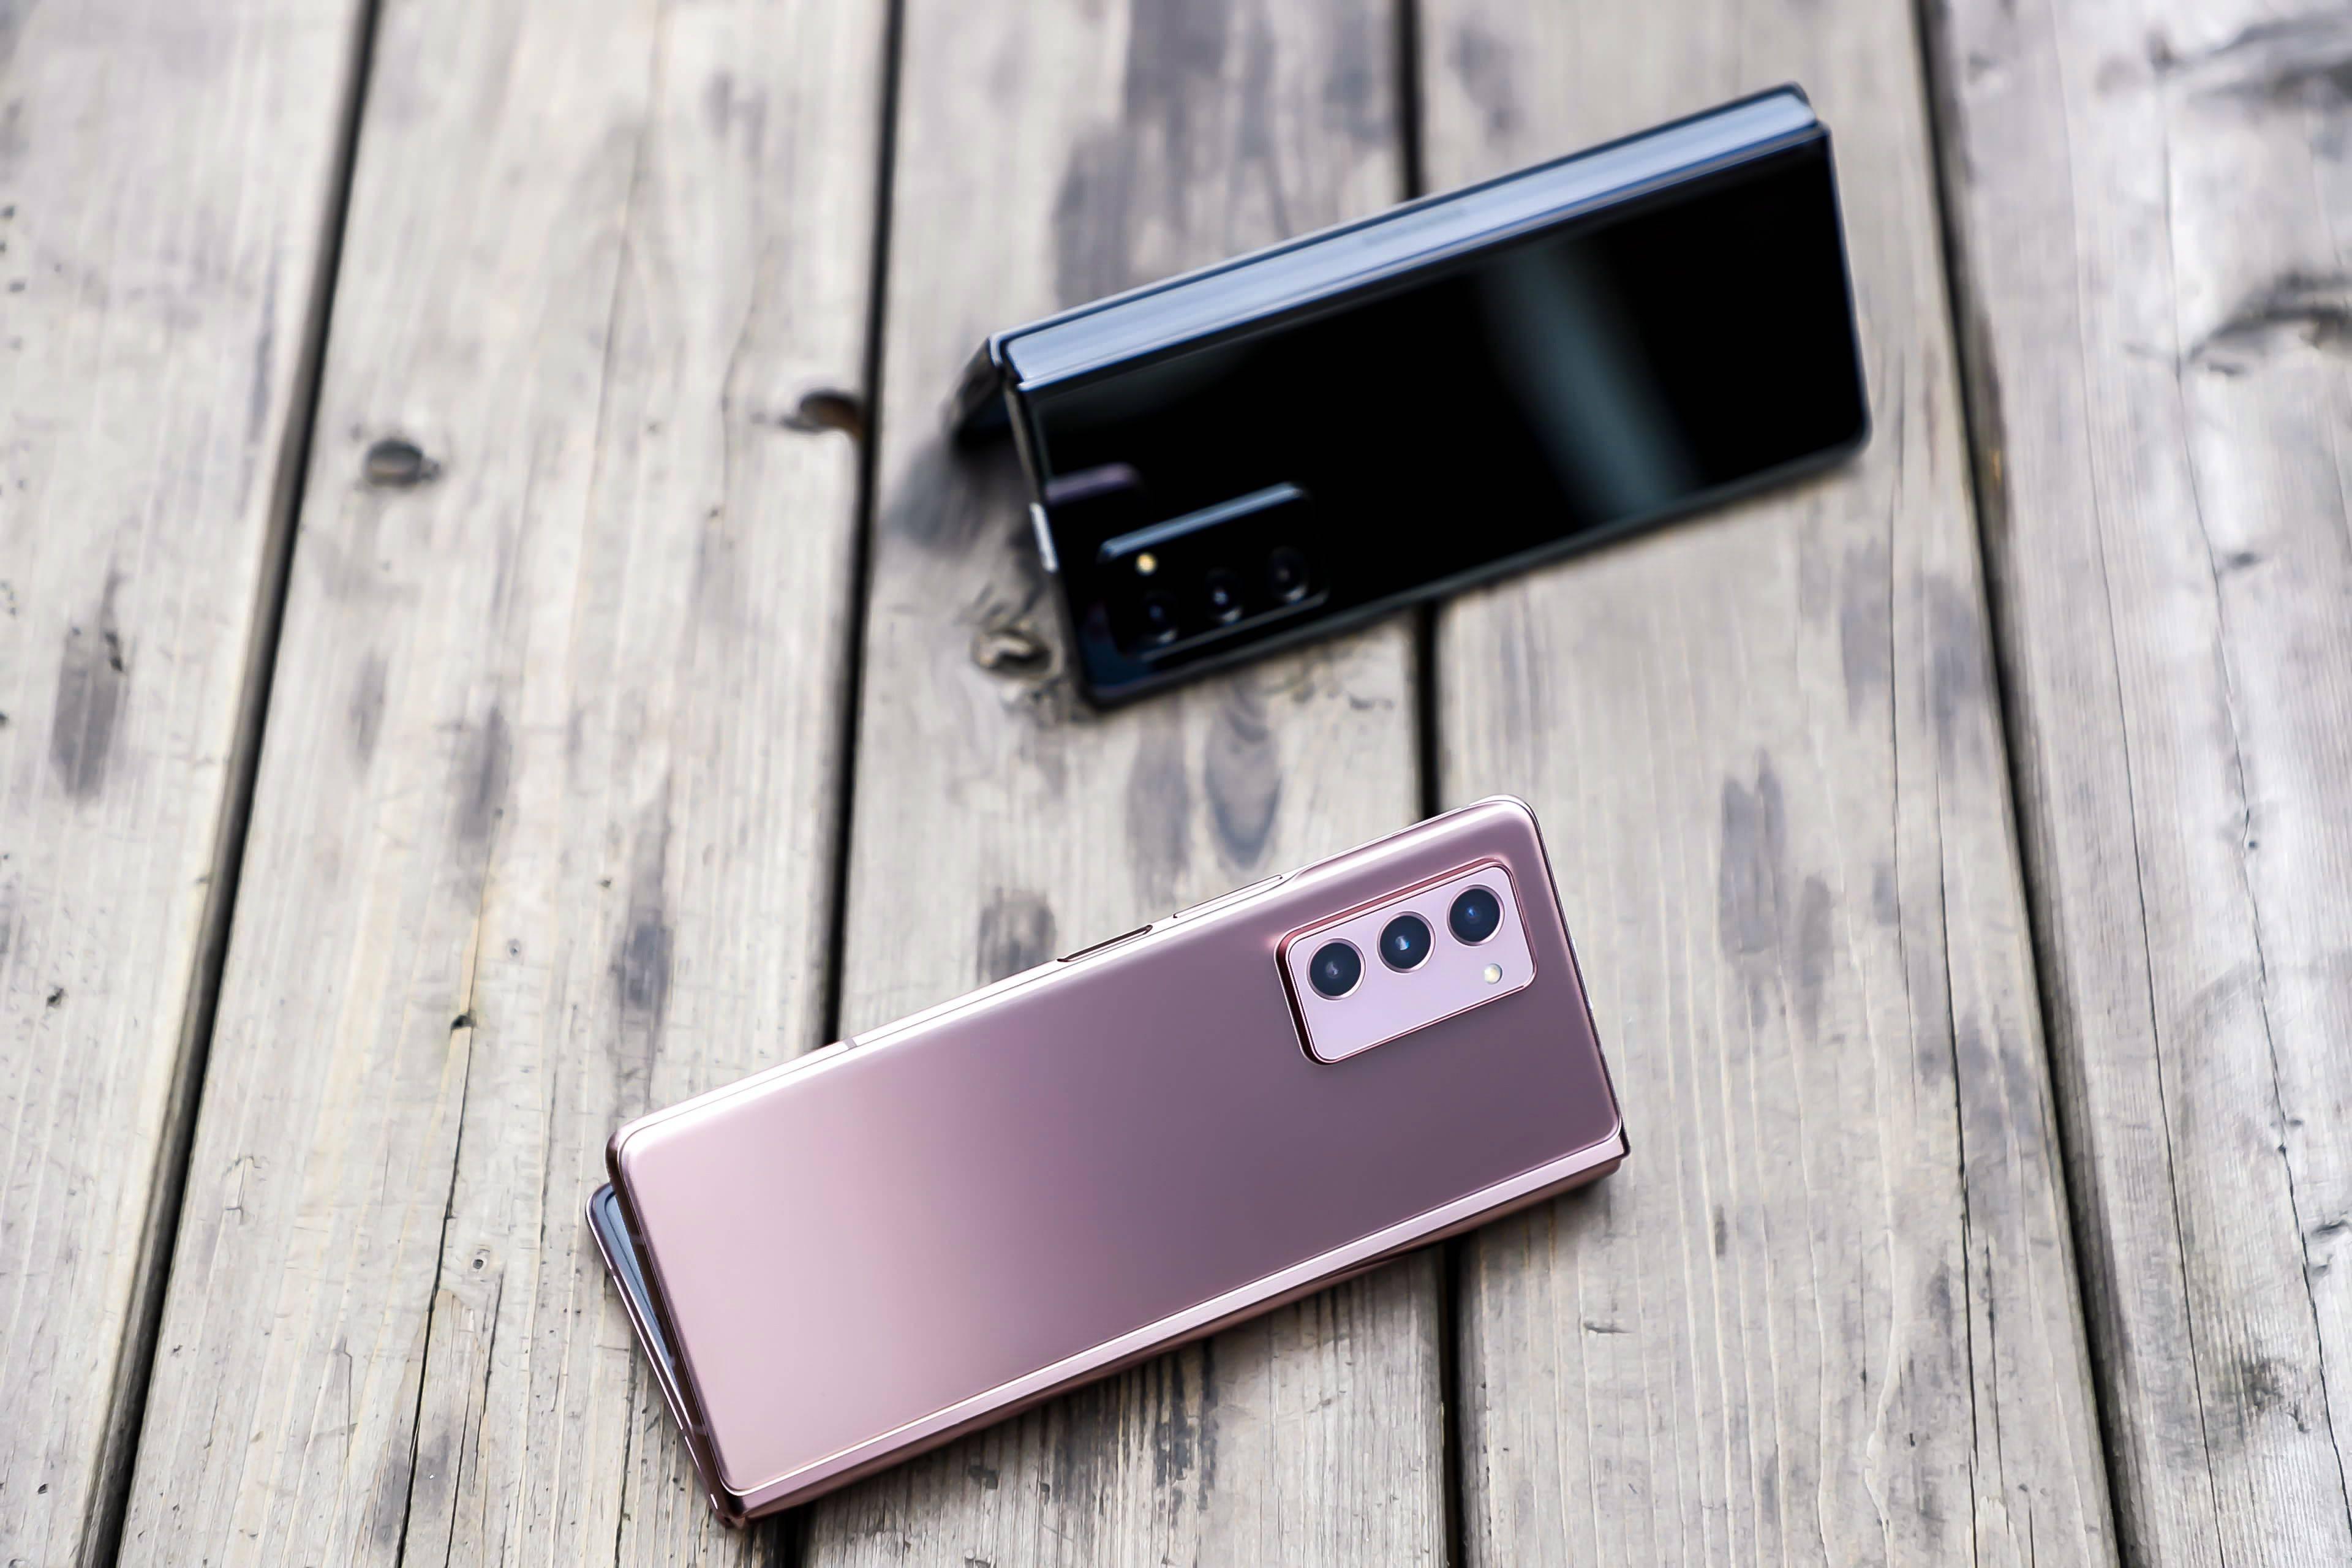 原创            三星Galaxy Z Fold2 5G:折叠屏从此走入成熟时代